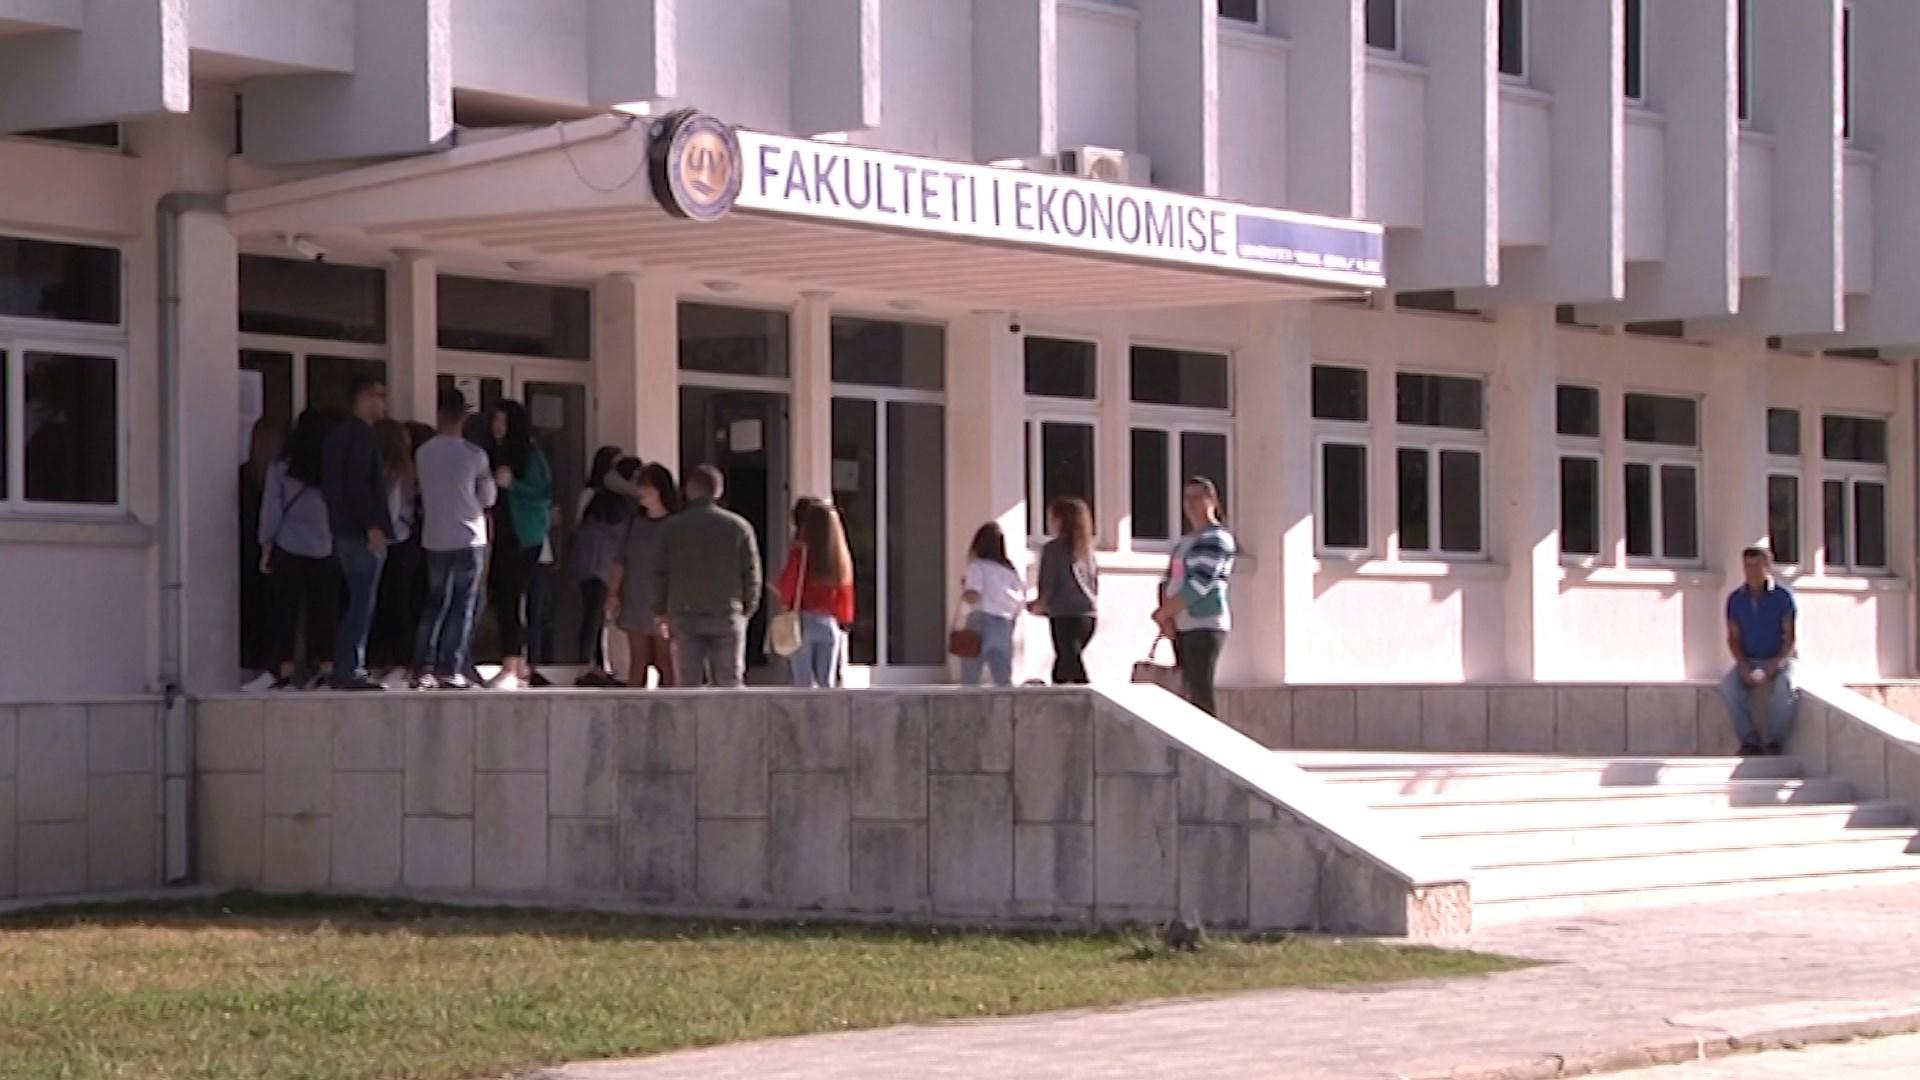 Viti i ri akademik, në Vlorë më pak studentë sesa në të kaluarën